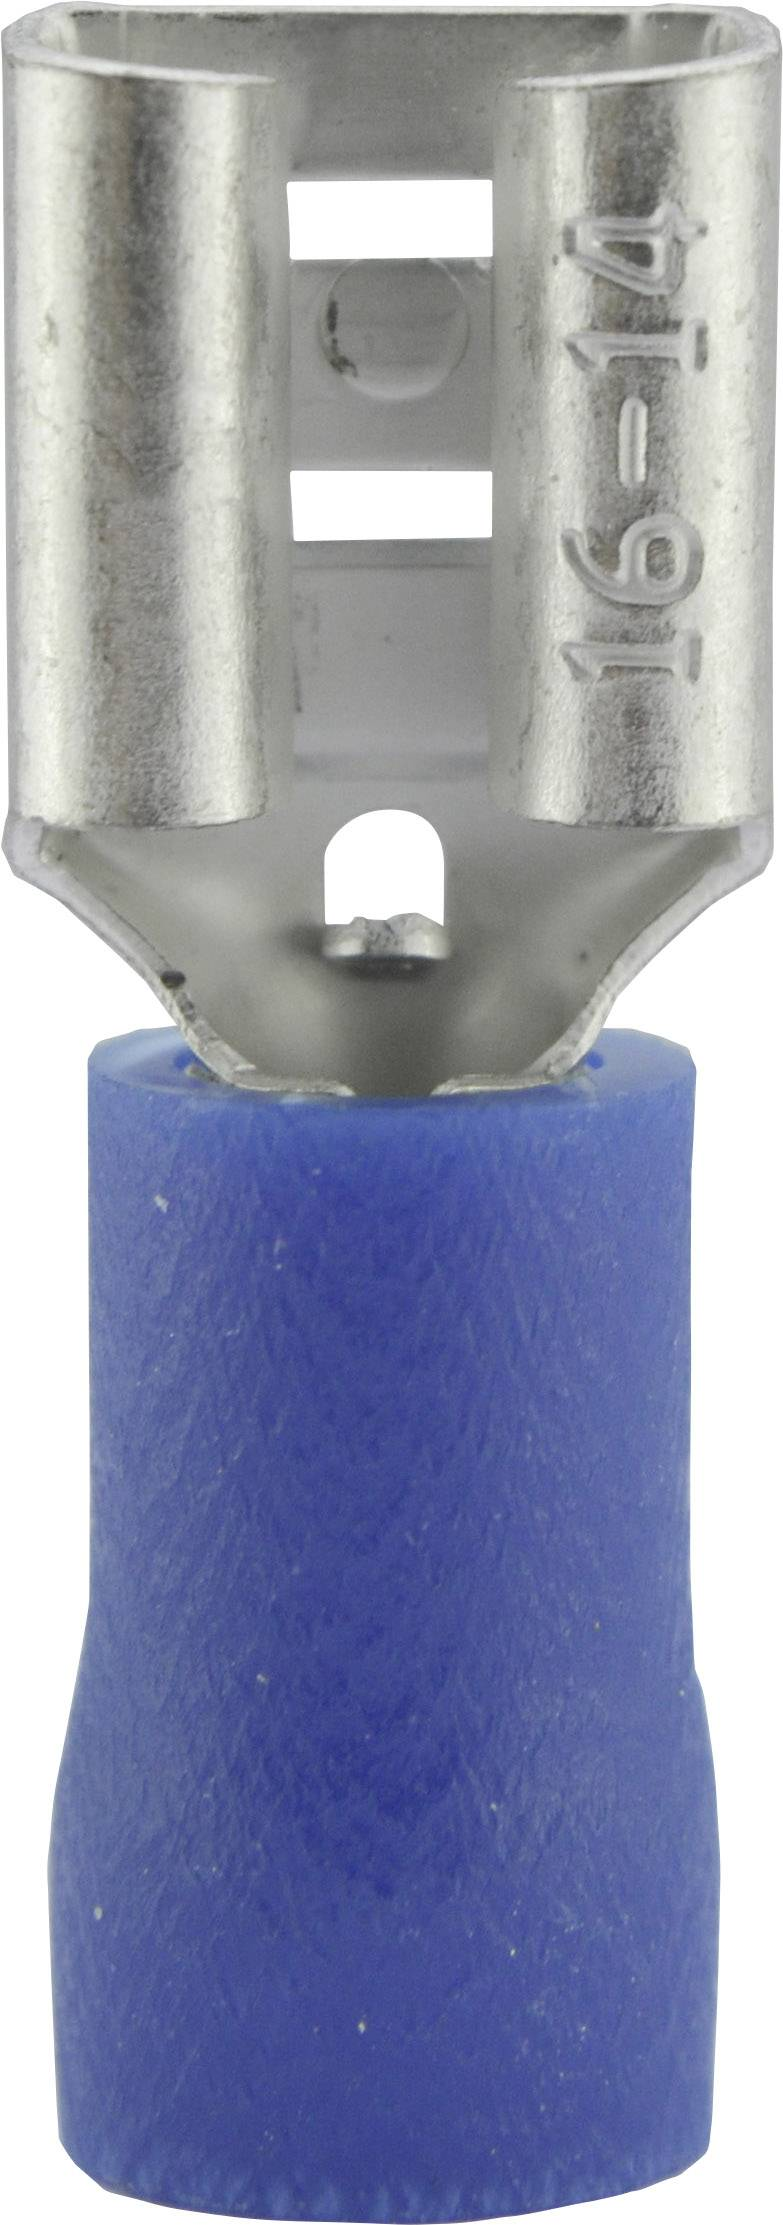 Faston konektor zásuvka Vogt Verbindungstechnik 3906 6.3 mm x 0.8 mm, 180 °, čiastočne izolované, modrá, 1 ks